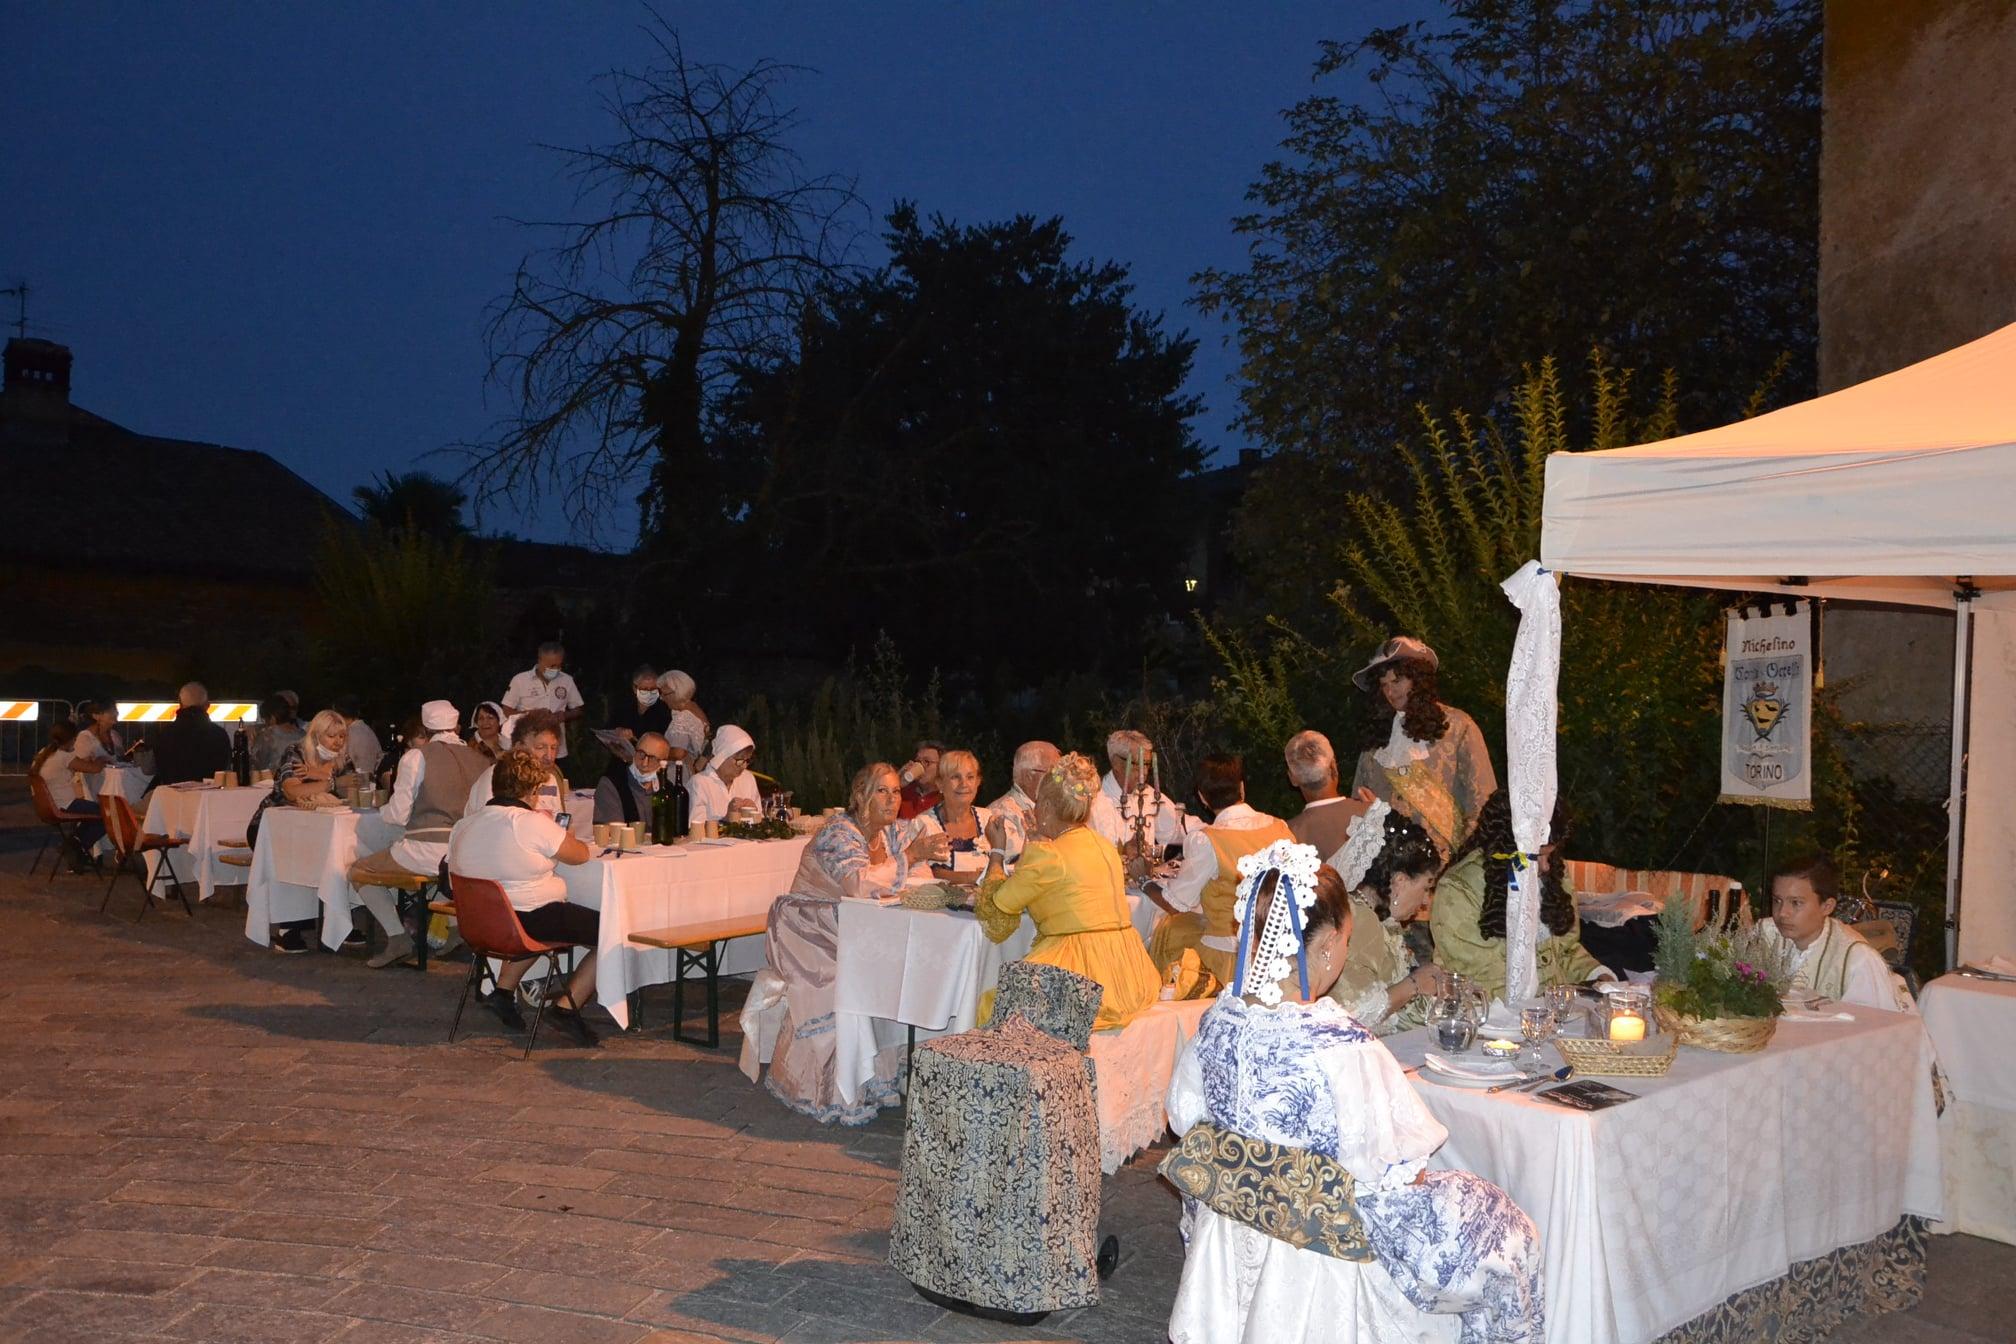 NICHELINO – Successo per la cena barocca